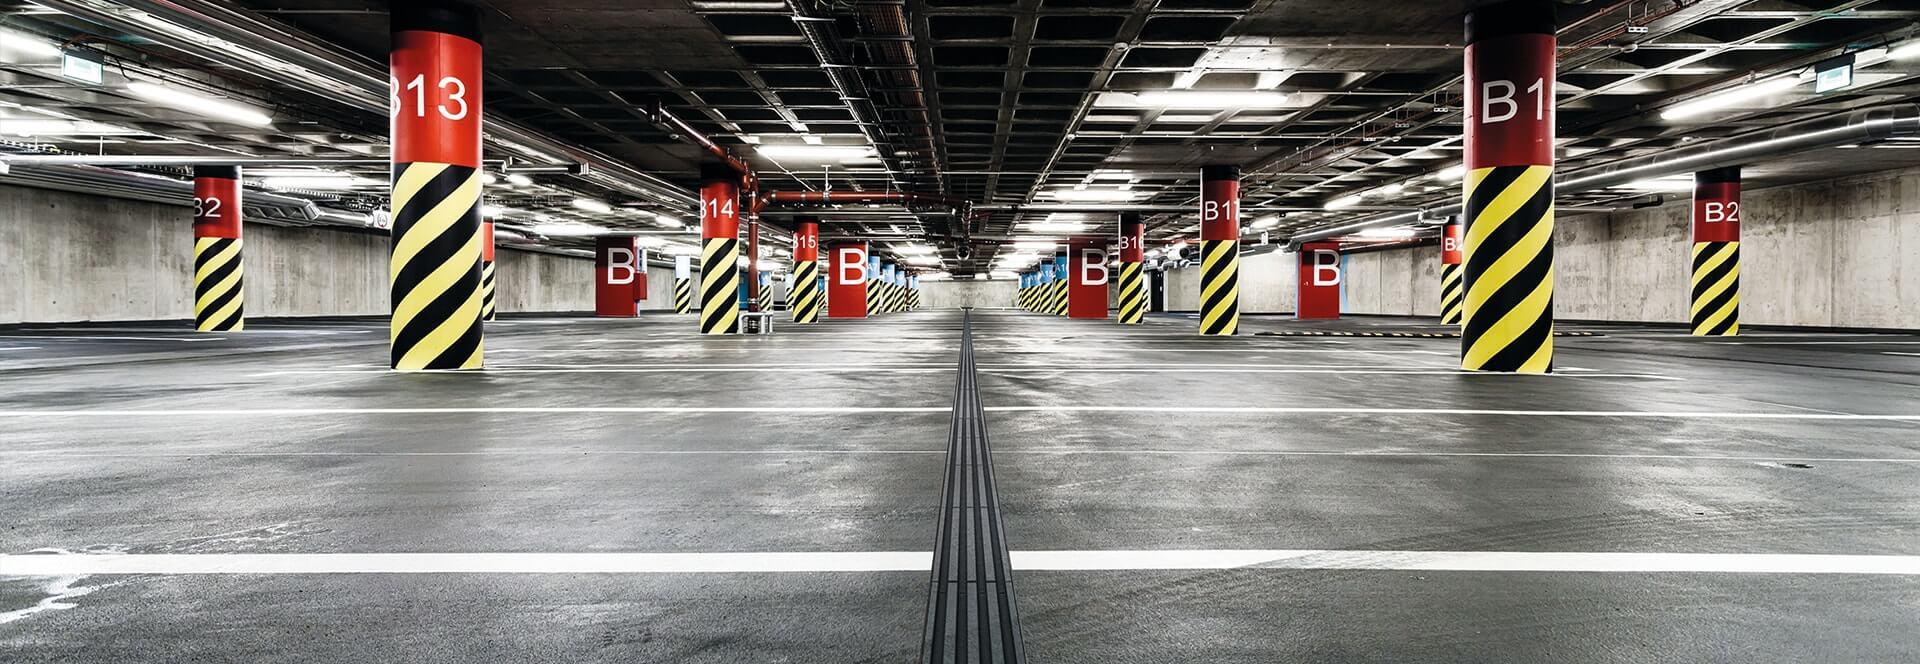 Mea Water Management voor garages en parkeerplaatsen